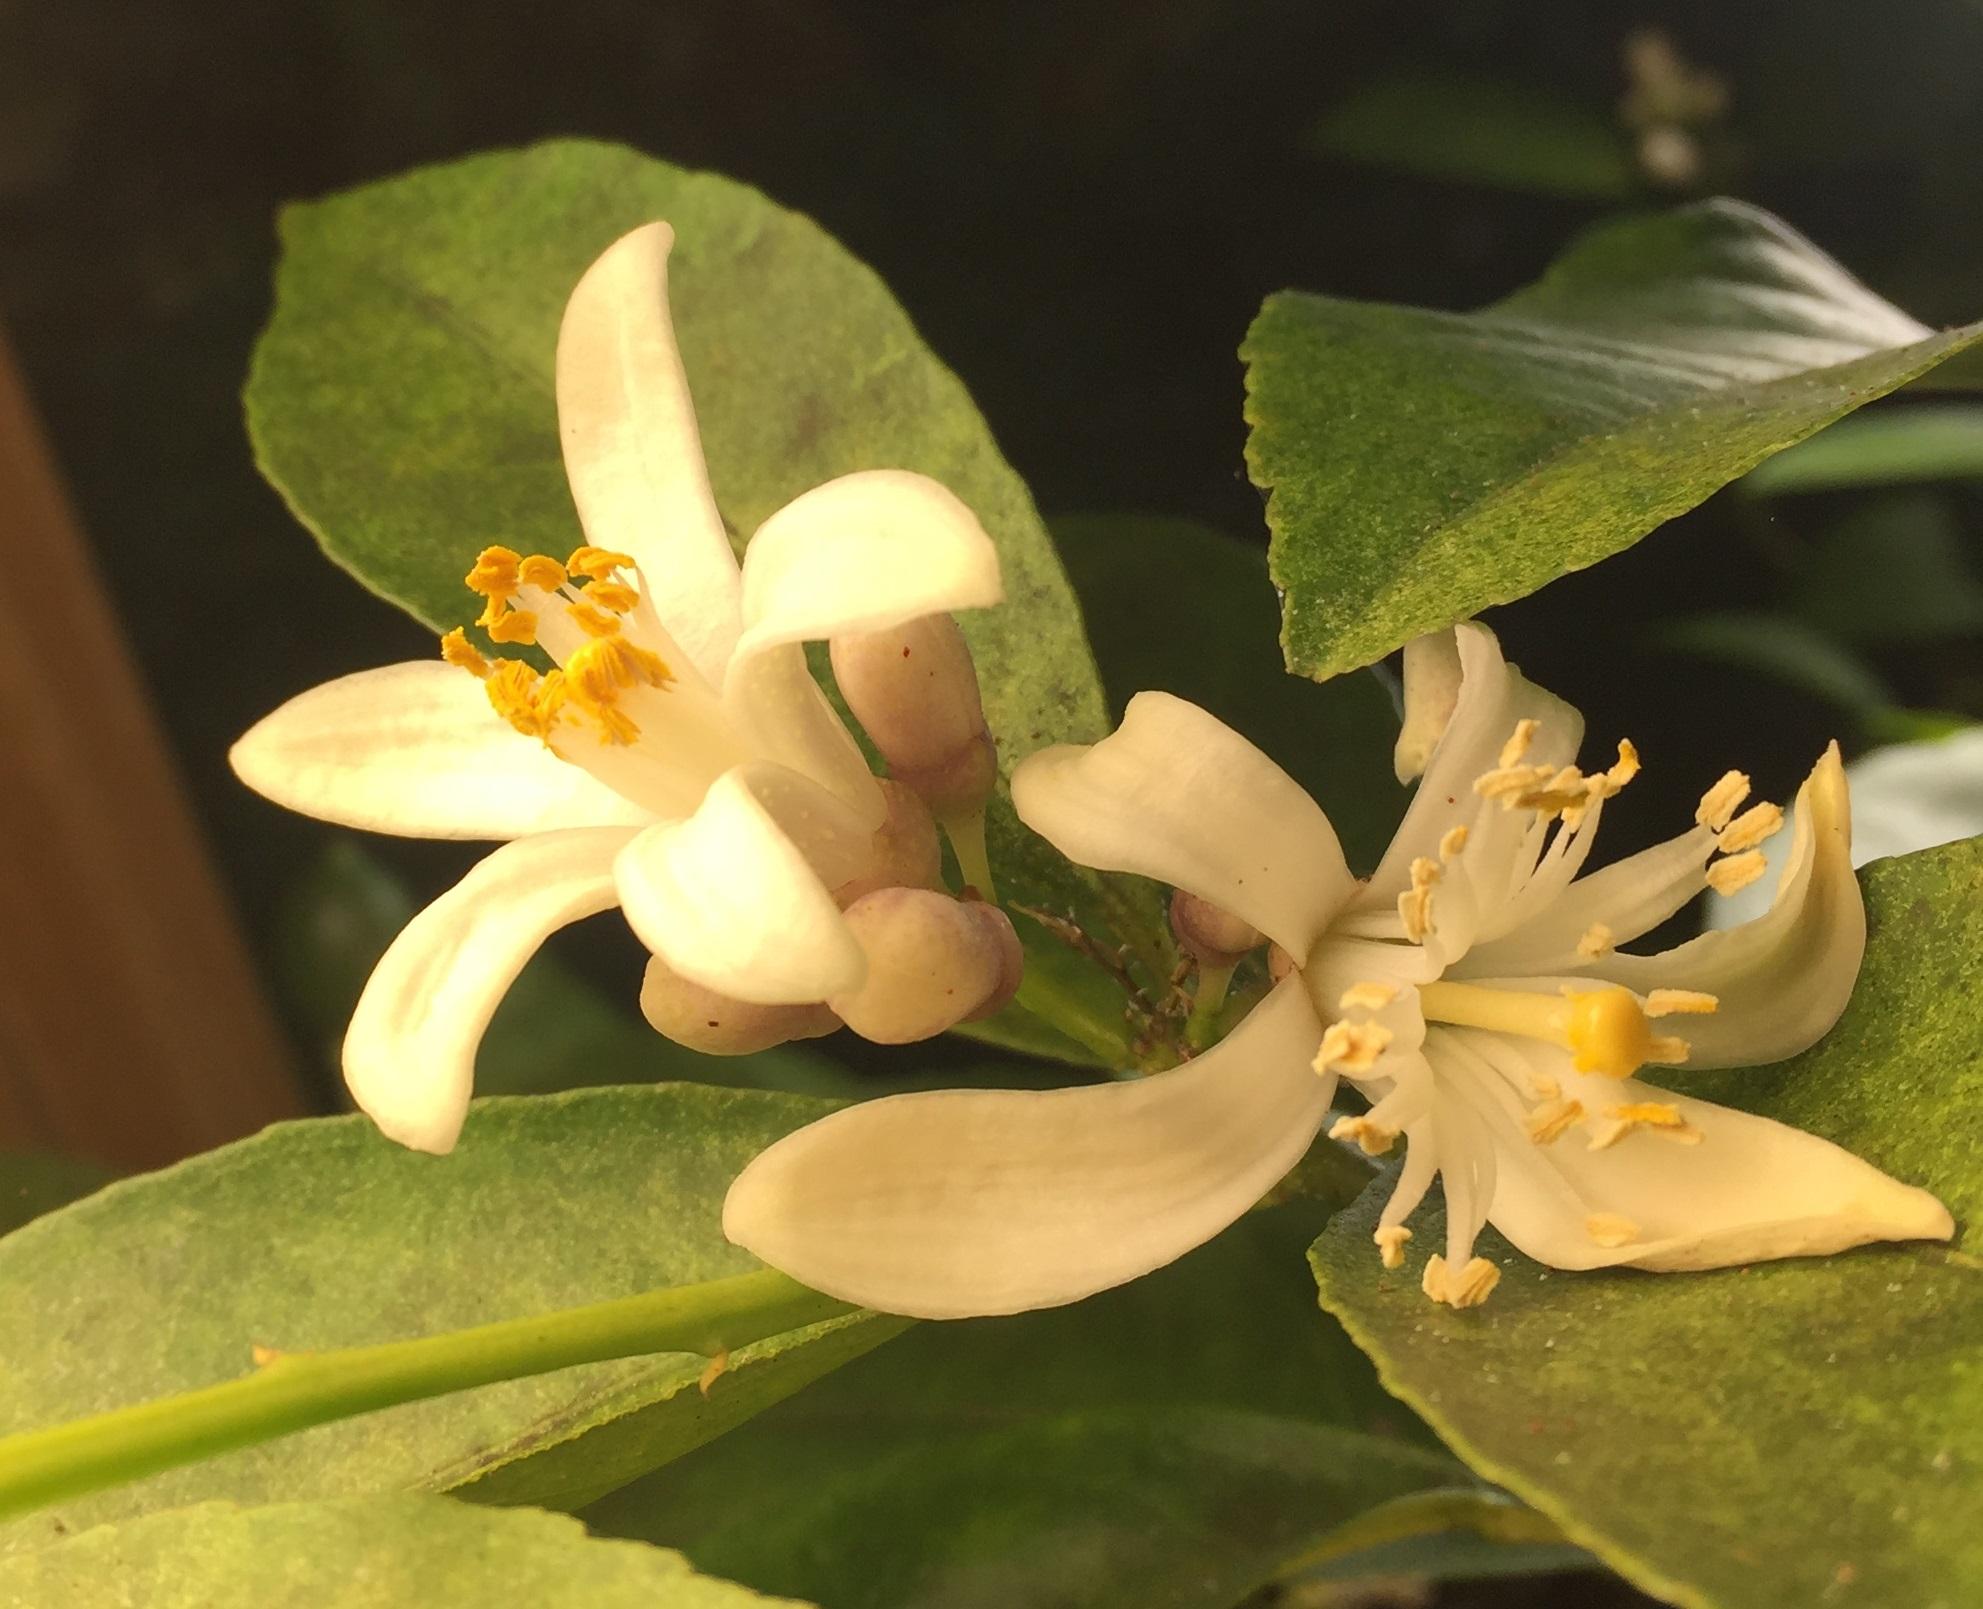 Meyer lemon flower